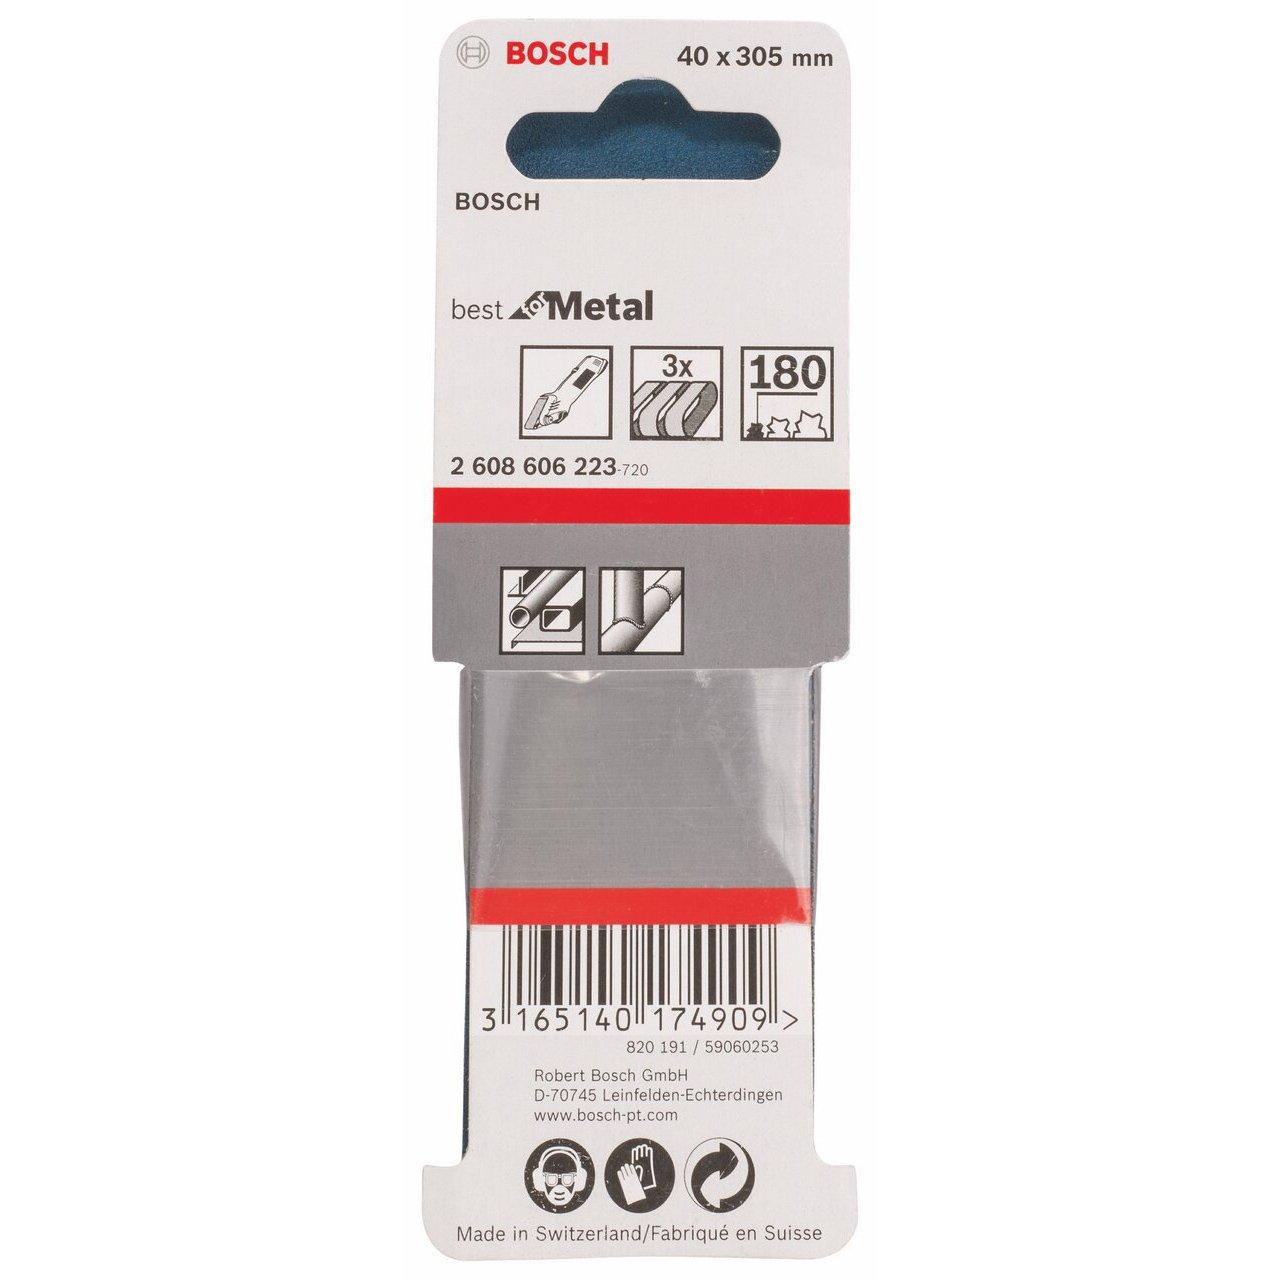 0 V Blue Bosch 2608606223 Sanding Belt-Set for K180 Metal Set of 3 Piece 40 mm x 305 mm